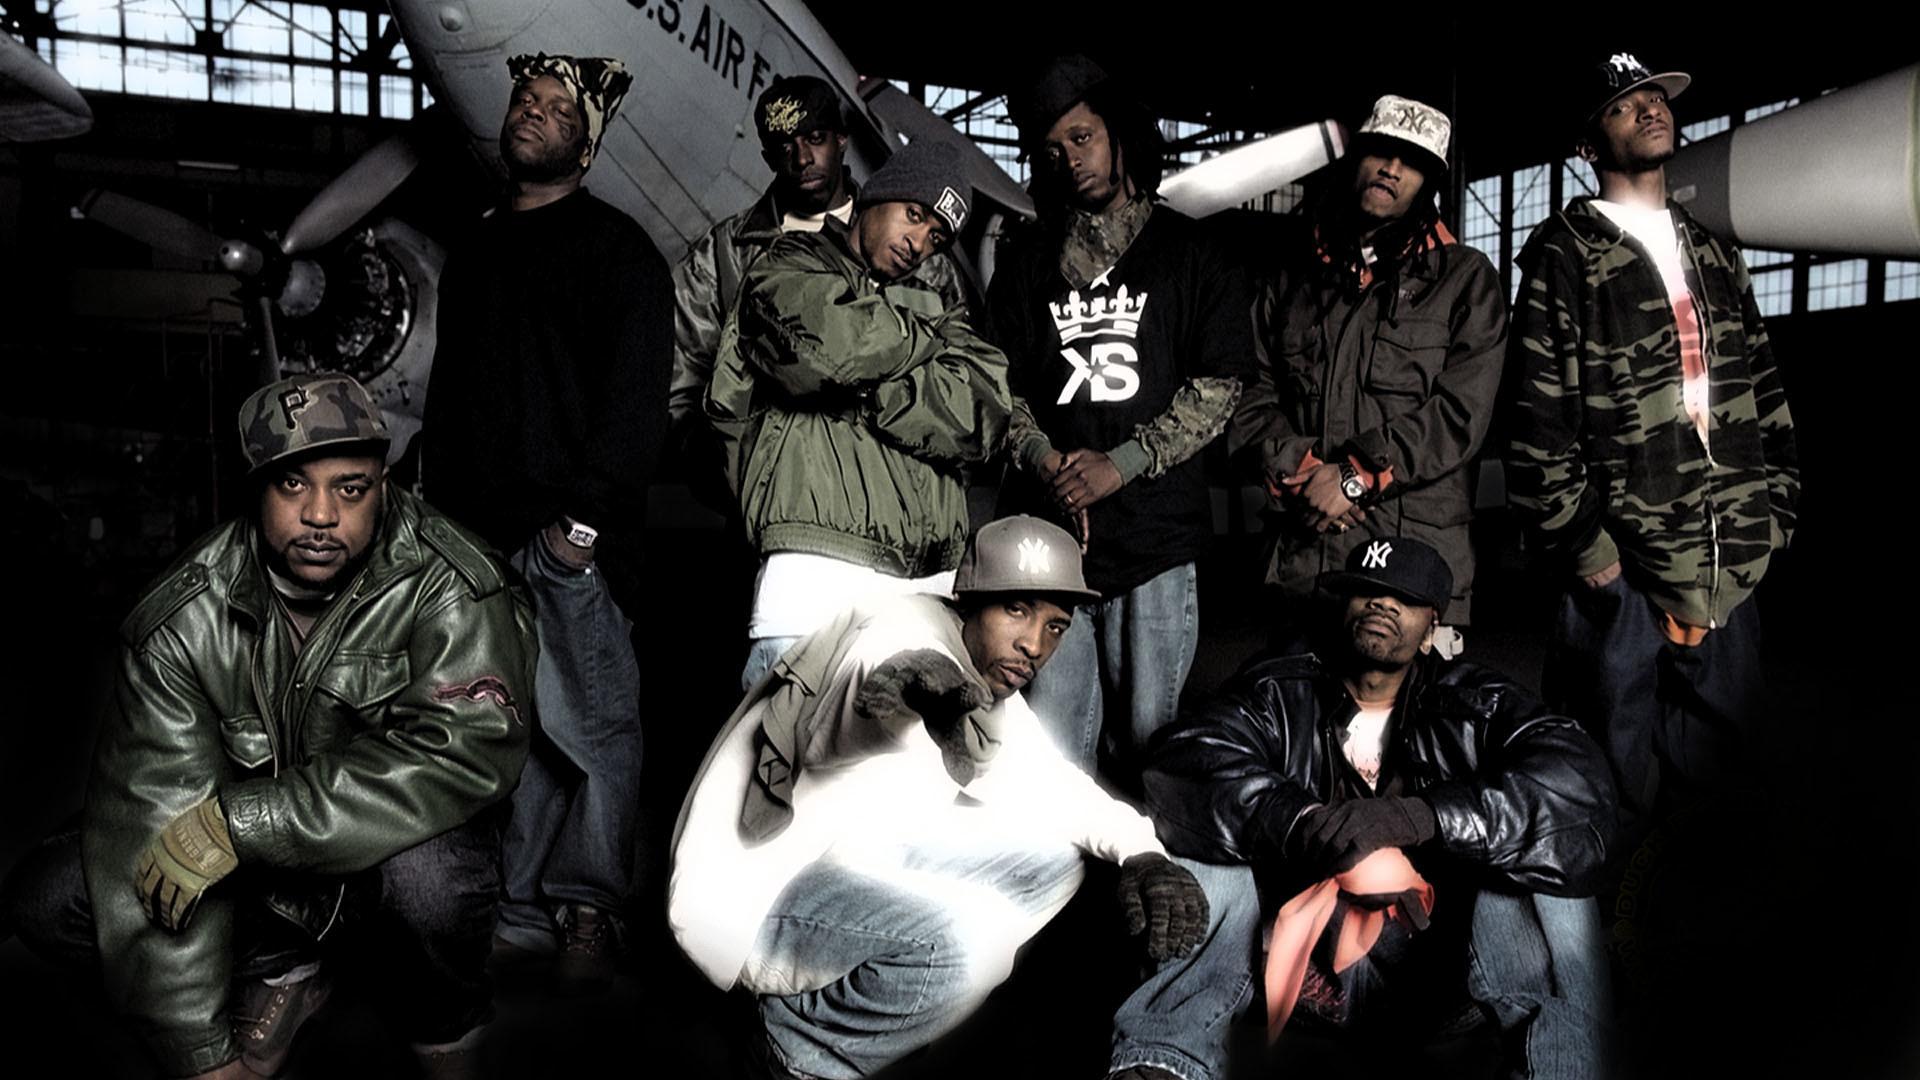 Boot Camp Clik backdrop wallpaper